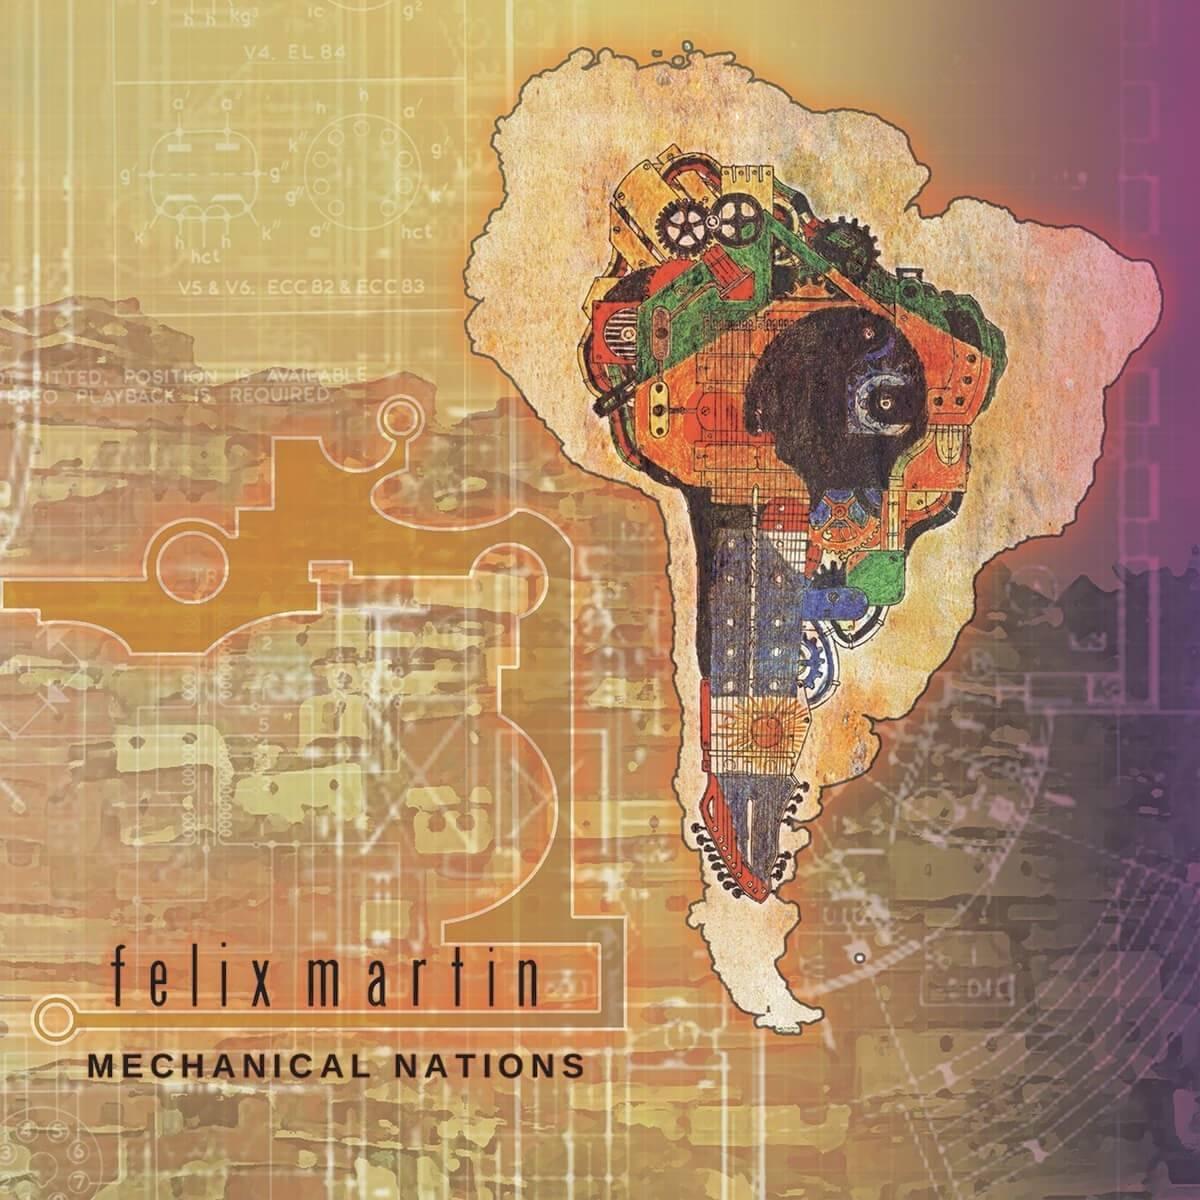 Felix Martin – Mechanical Nations